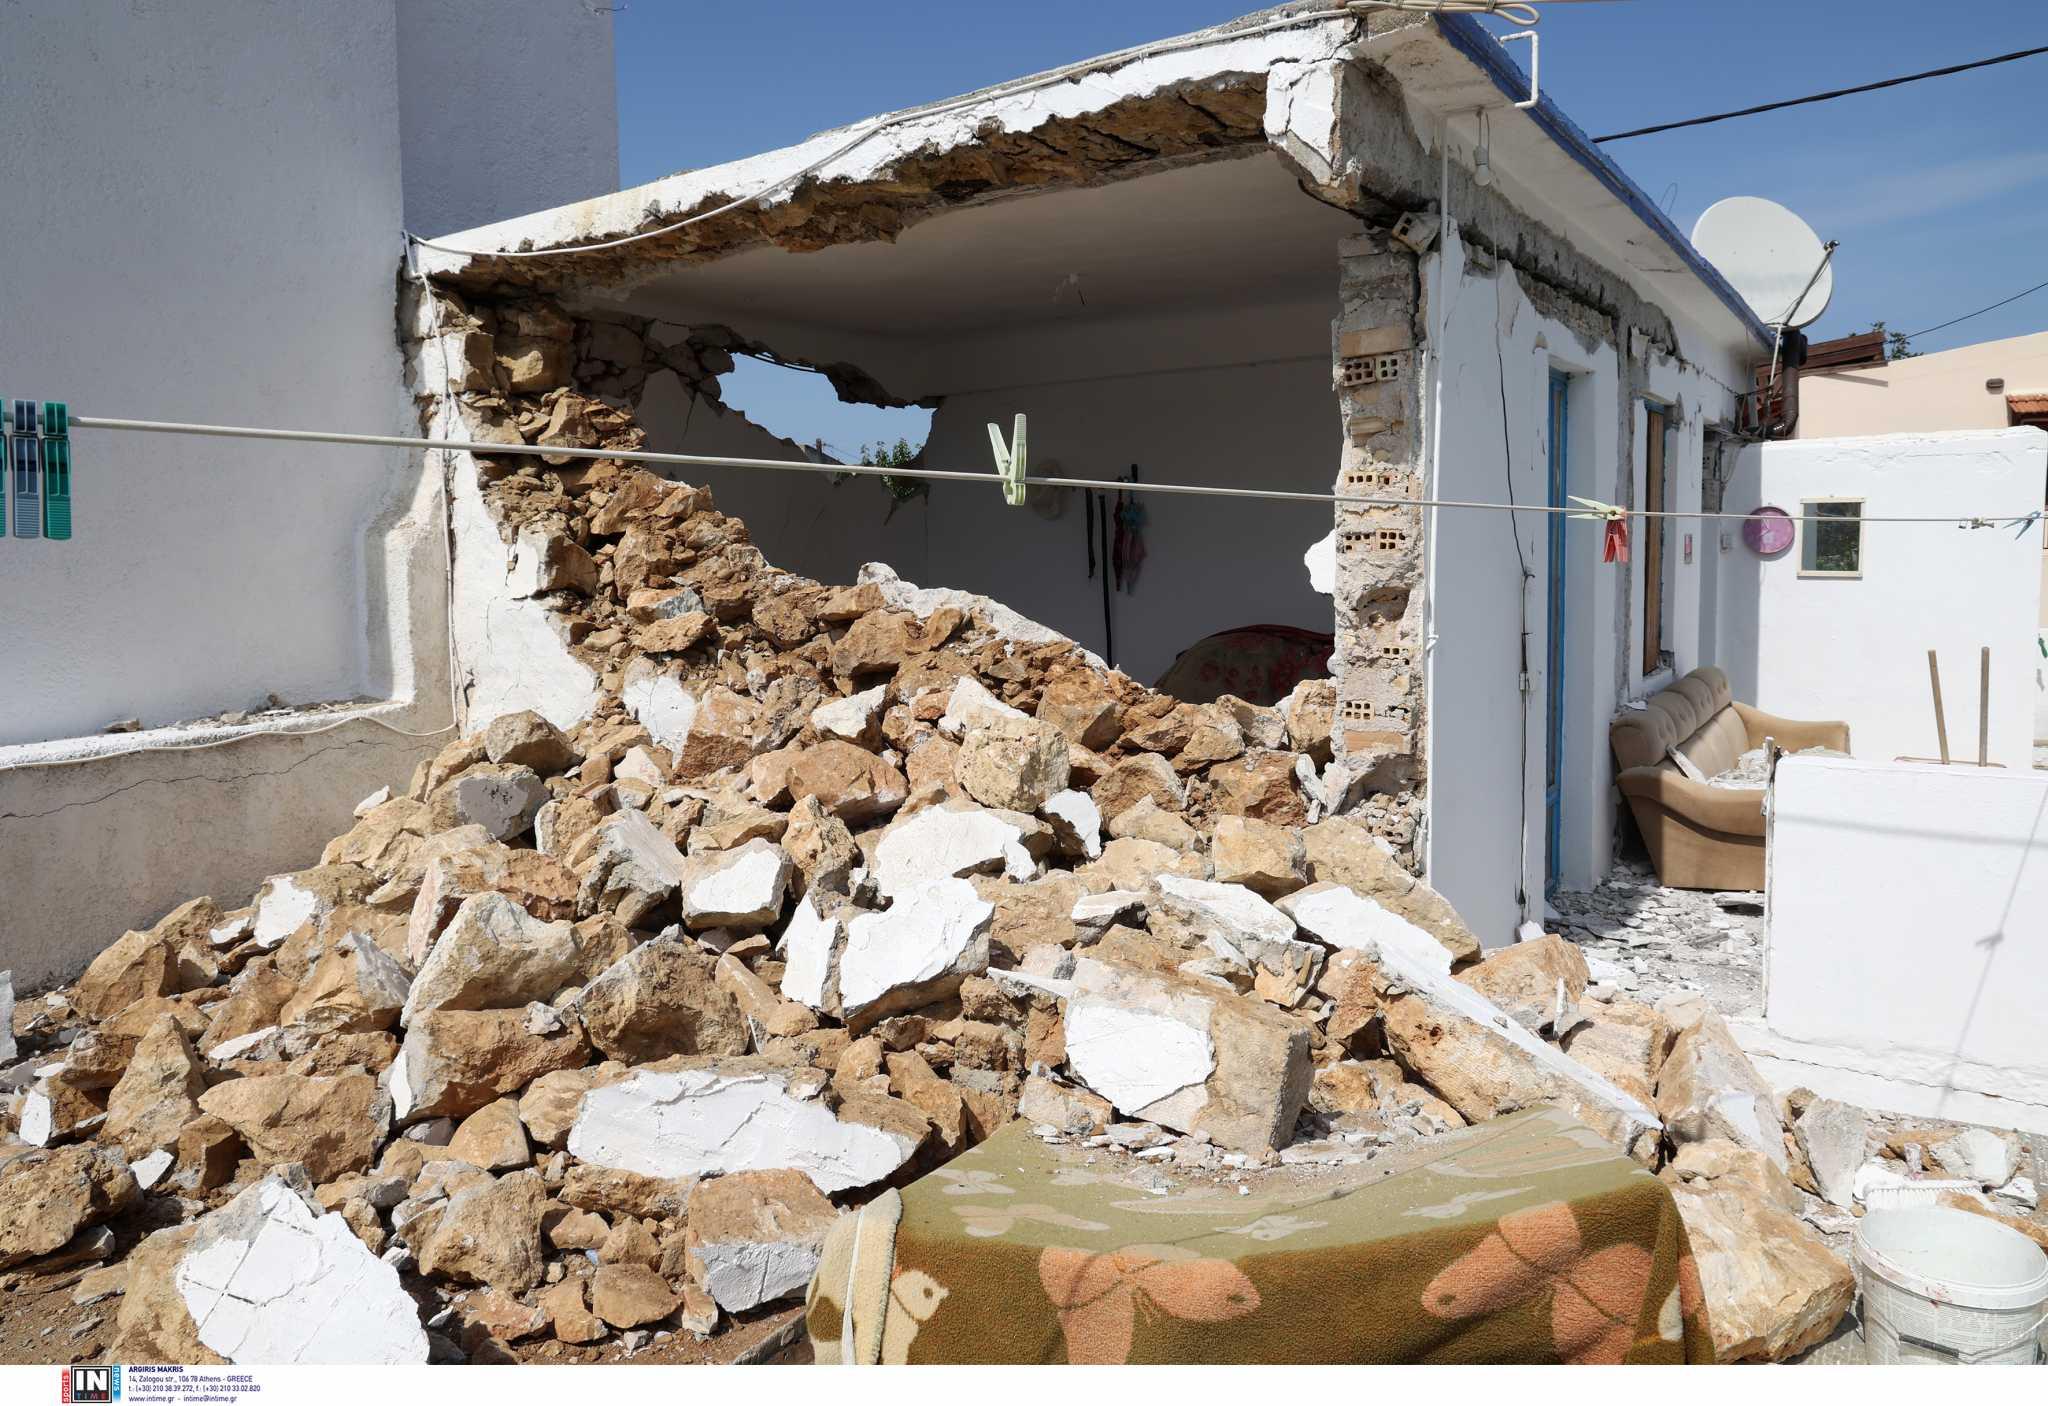 Σεισμός στην Κρήτη: Δεκάδες οι αιτήσεις πληγέντων για φιλοξενία στα σπίτια του προγράμματος ESTIA